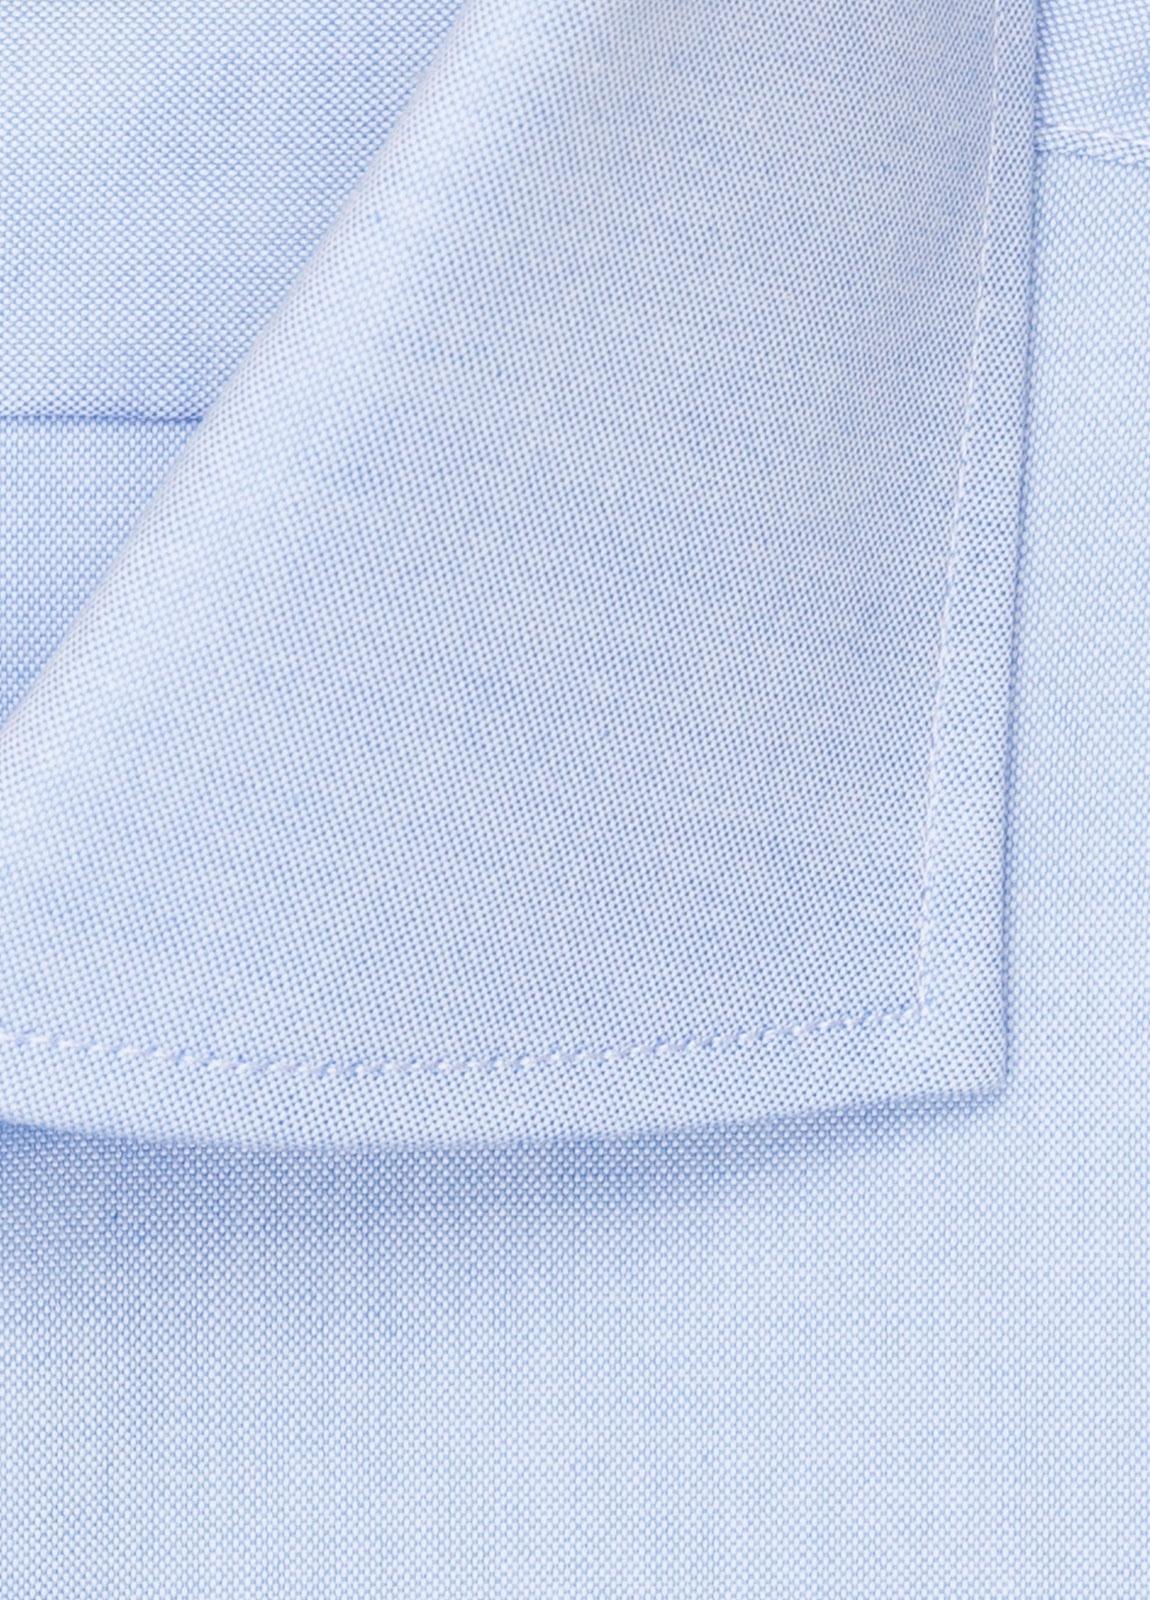 Camisa vestir FUREST COLECCIÓN REGULAR FIT pin point celeste - Ítem1